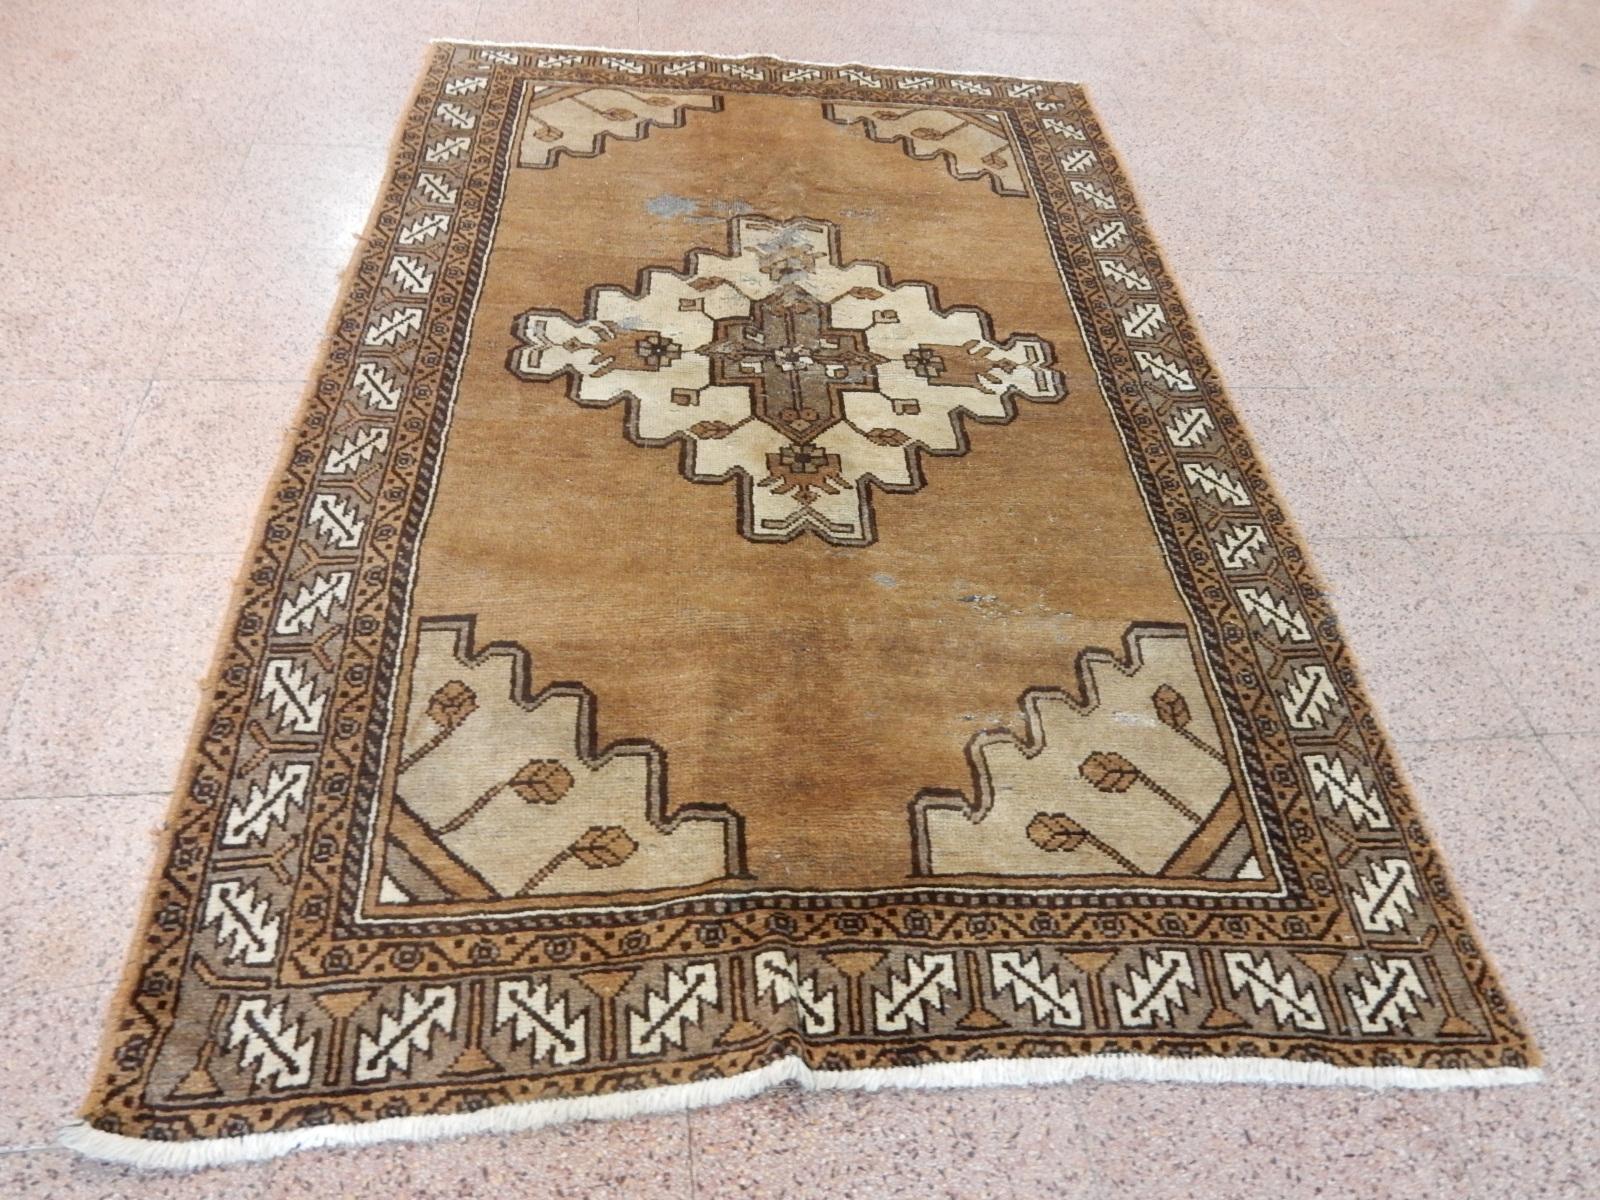 Rif. 2) Tappeto persiano 212 × 135